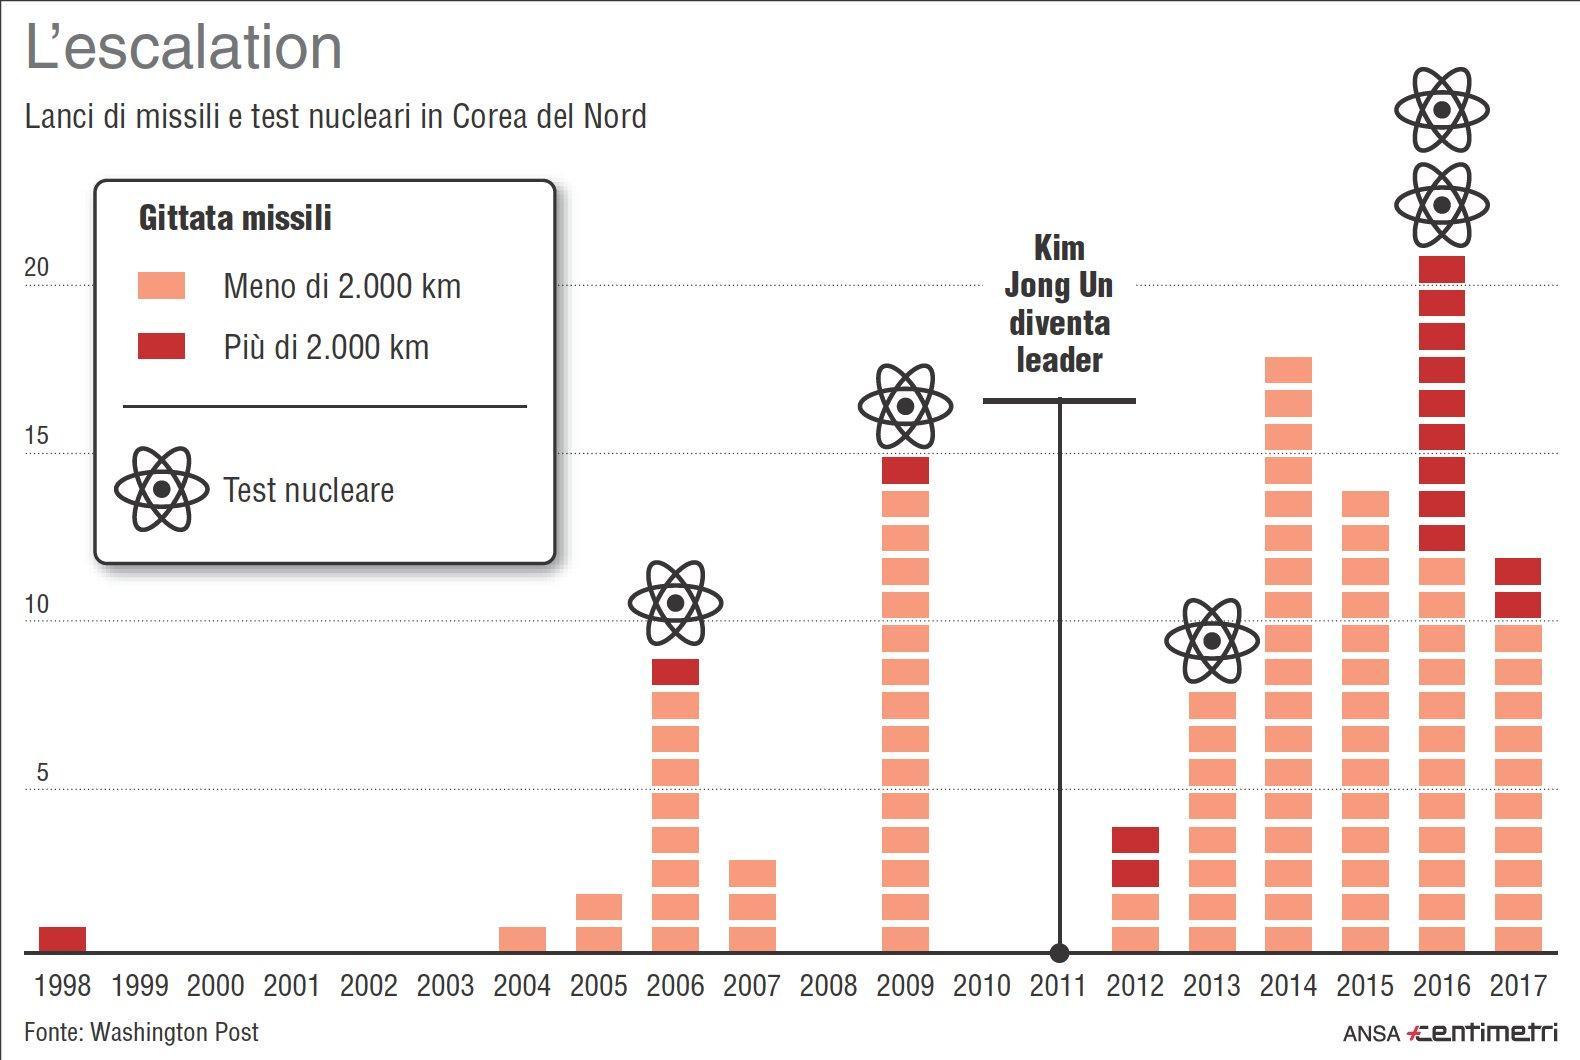 Corea del Nord, lanci di missili e test nucleari dal 1998 a oggi